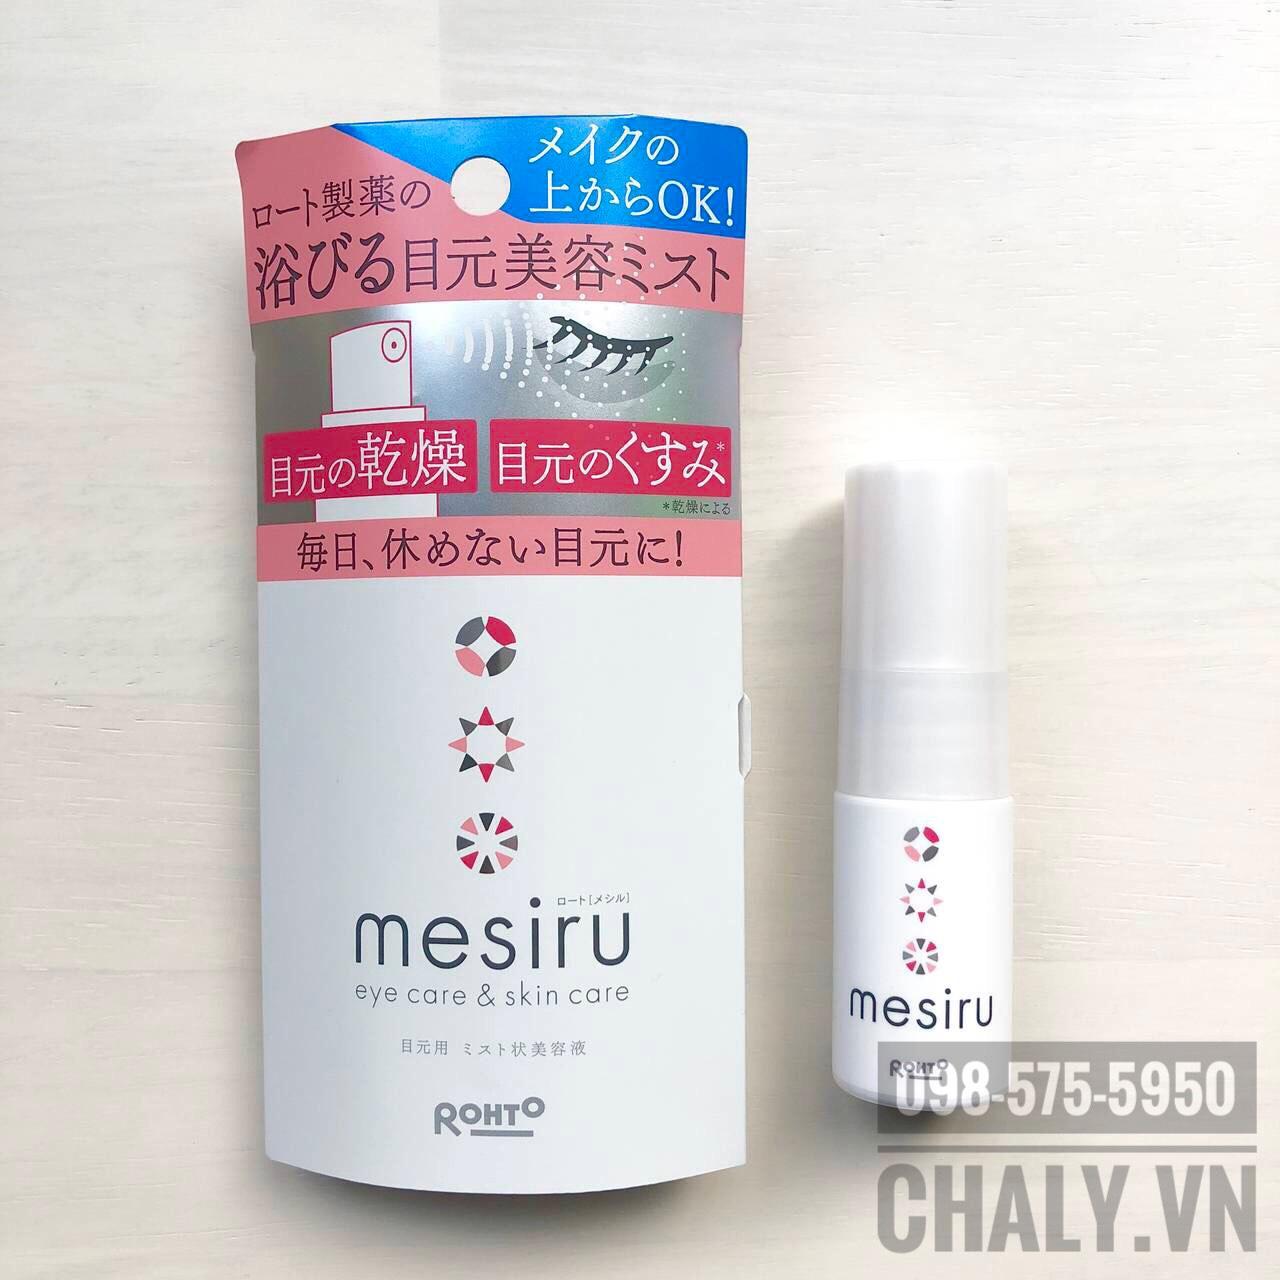 Xịt khoáng của Nhật Bản Mesiru eyecare & skincare chuyên chăm sóc vùng da mắt mỏng manh và nuôi dưỡng lông mi khoẻ, giảm gãy rụng